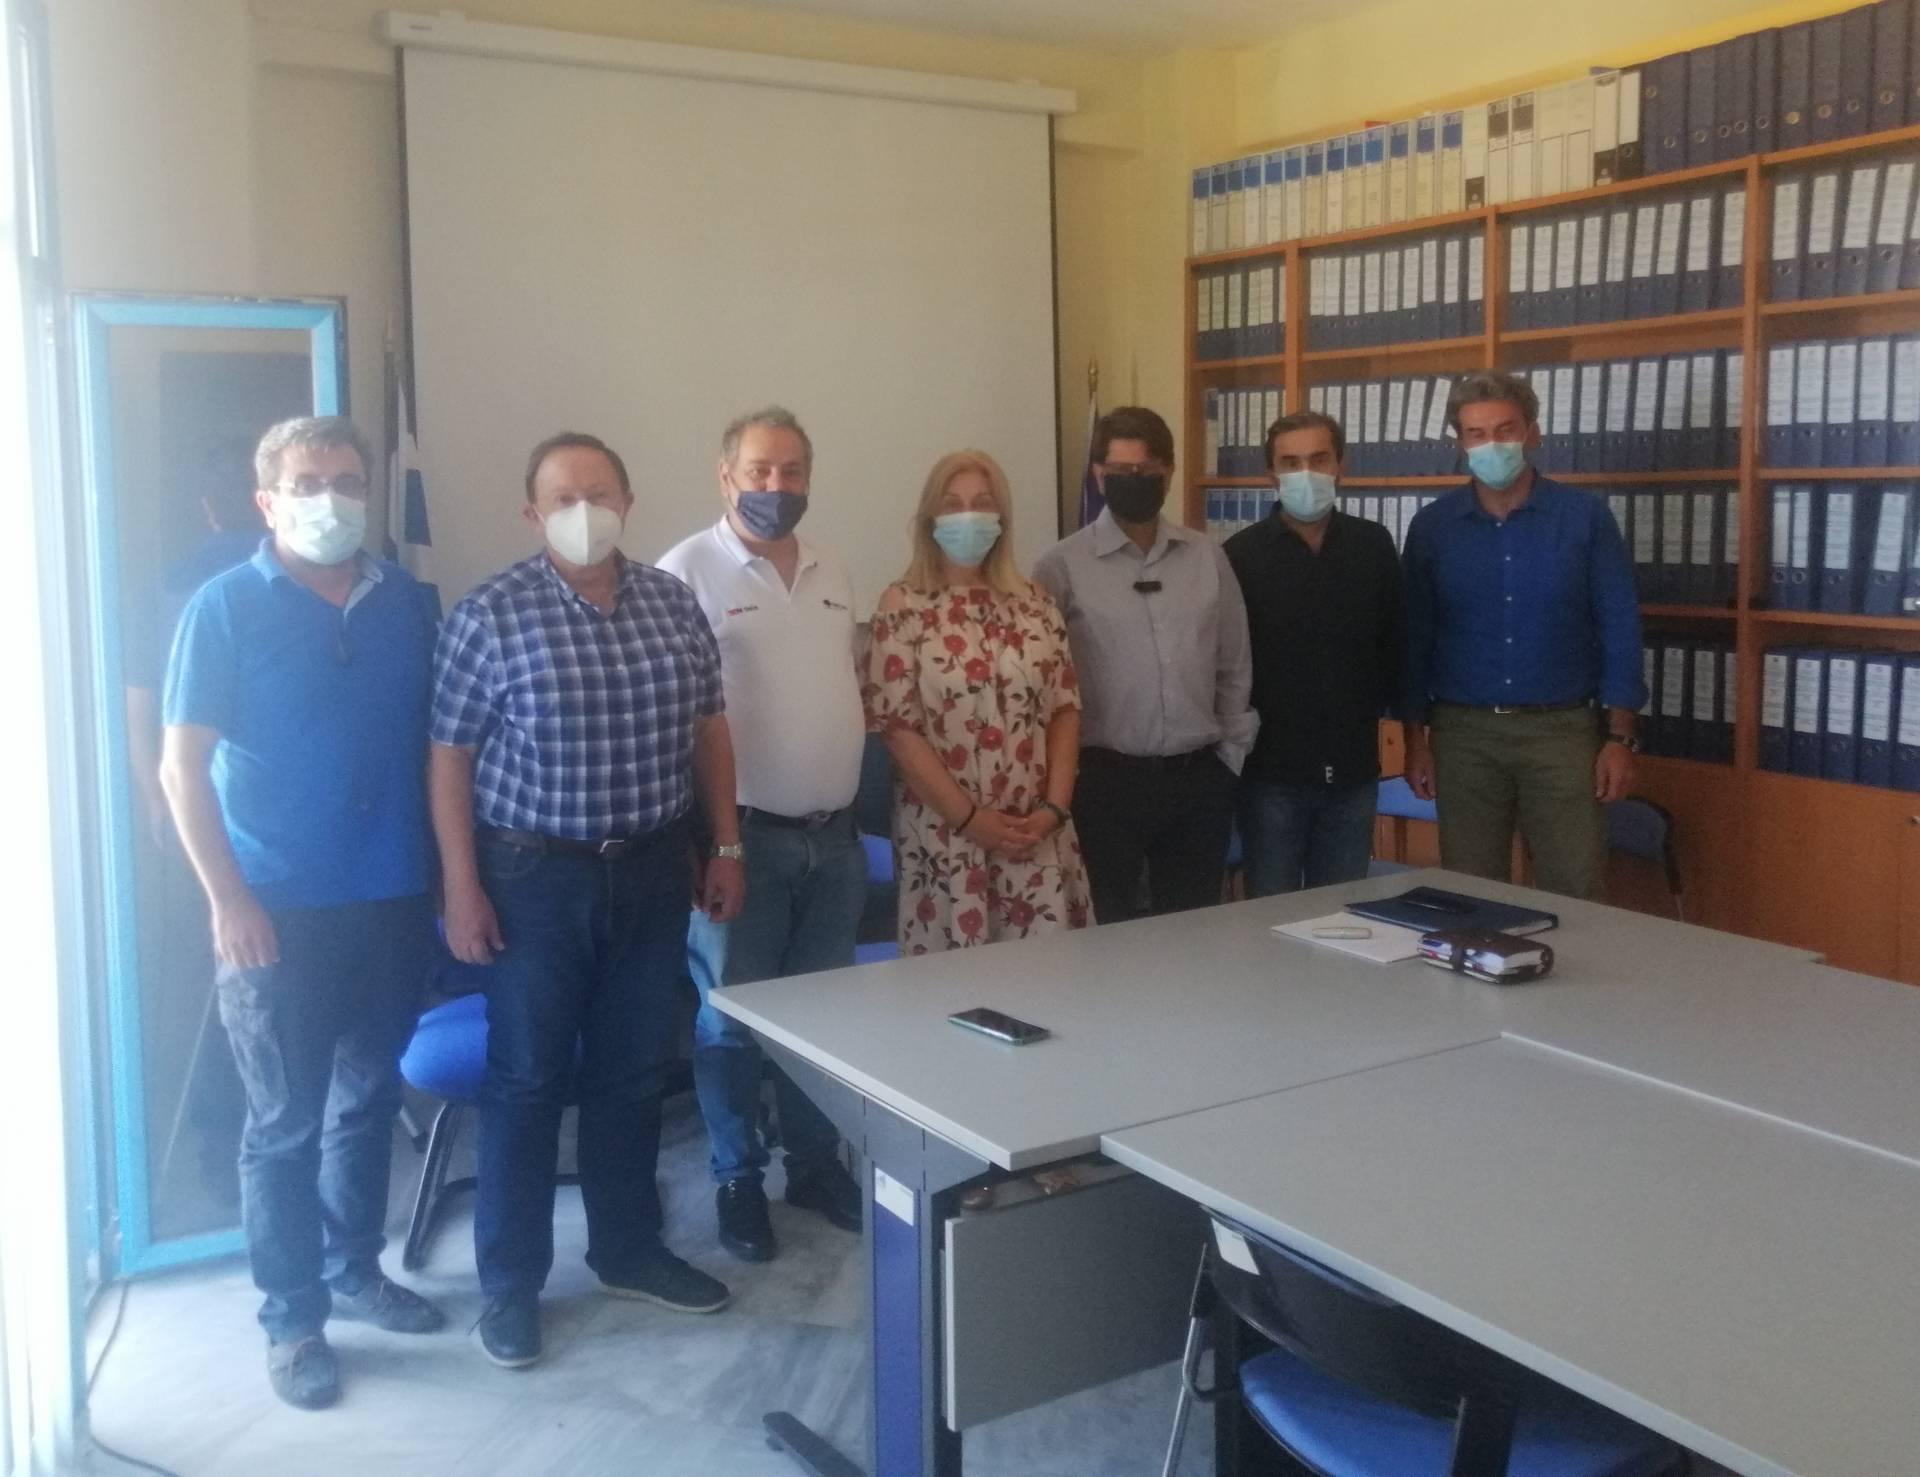 Ενημέρωση του Προεδρείου του ΤΕΕ/ΤΔΜ από στελέχη της Ειδικής Υπηρεσίας Διαχείρισης Επιχειρησιακού Προγράμματος Δυτικής Μακεδονίας για την πορεία υλοποίησης των έργων της Δυτικής Μακεδονίας